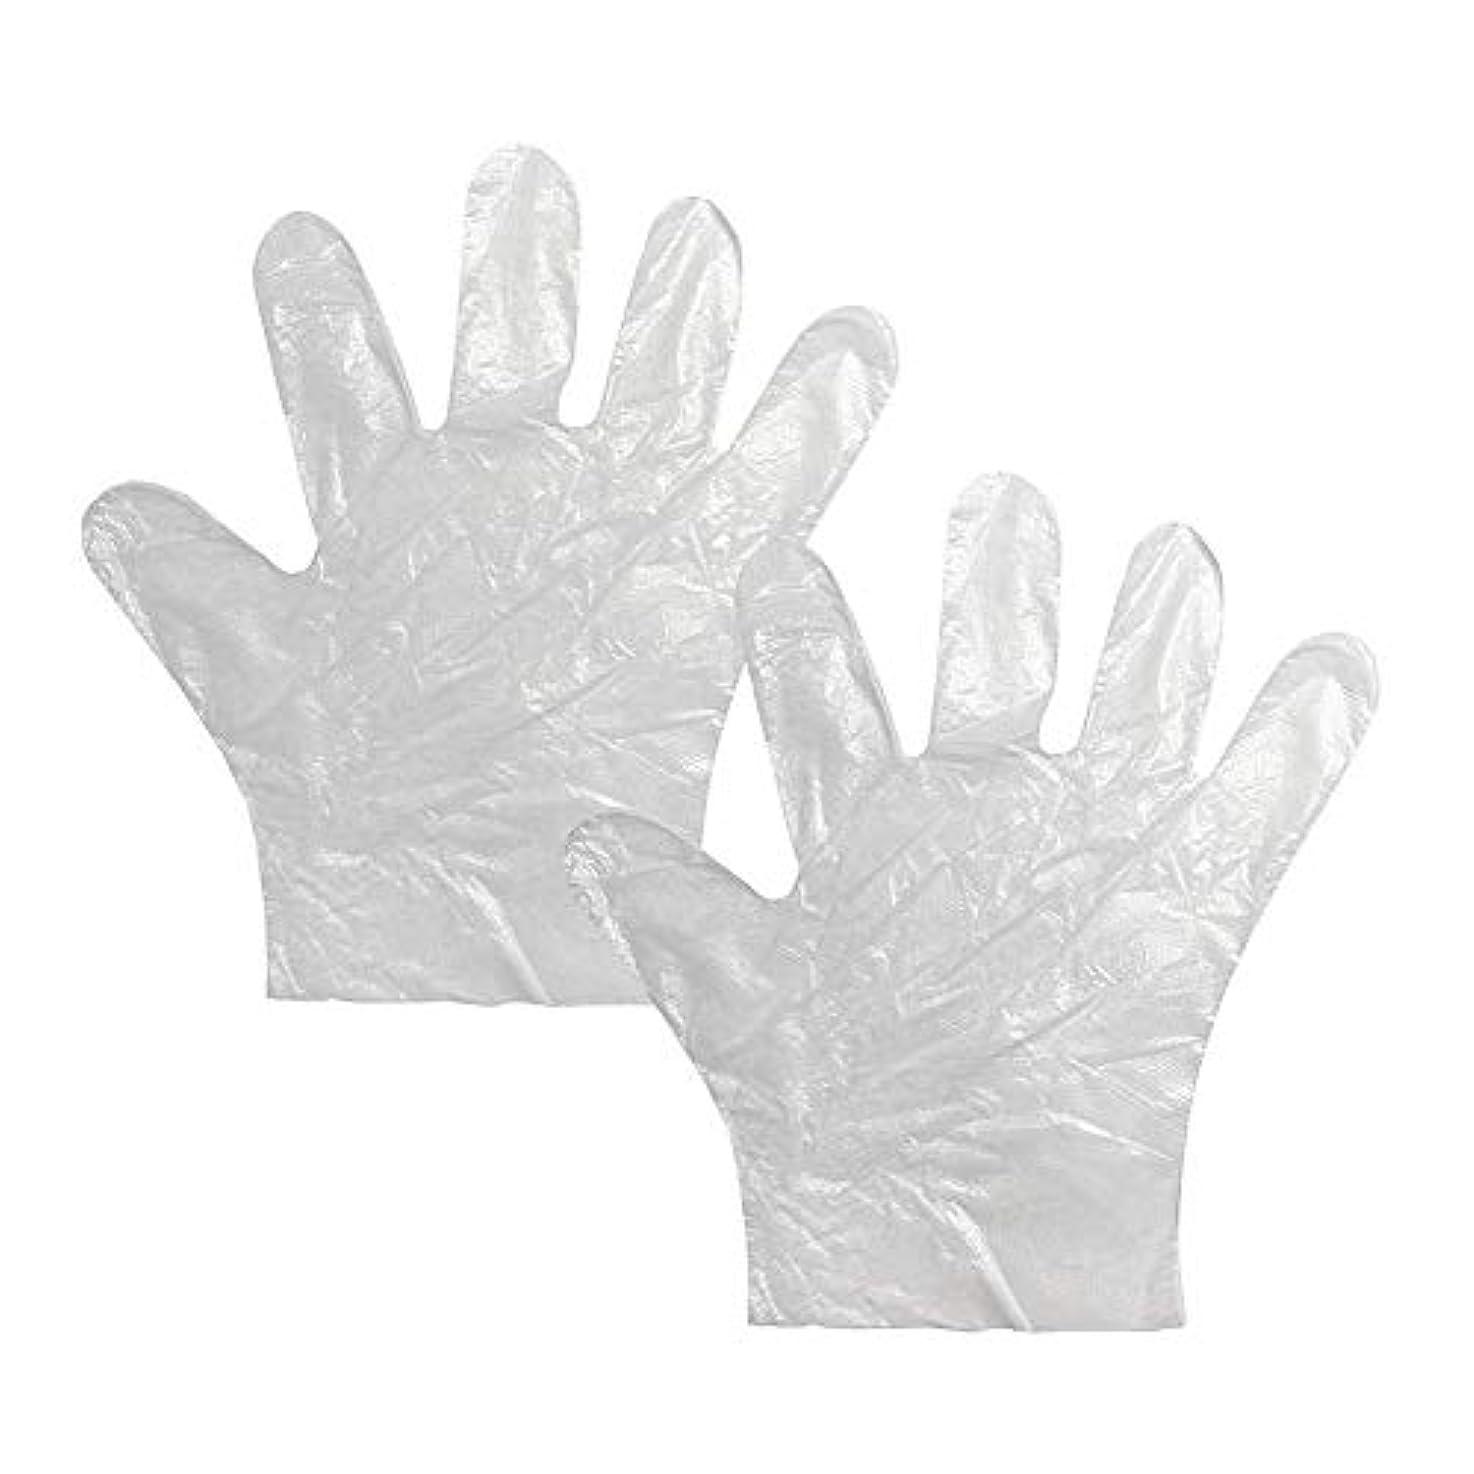 女の子答え定数使い捨て手袋 極薄ビニール手袋 耐久性が強い上に軽く高品質 透明100枚*2セット